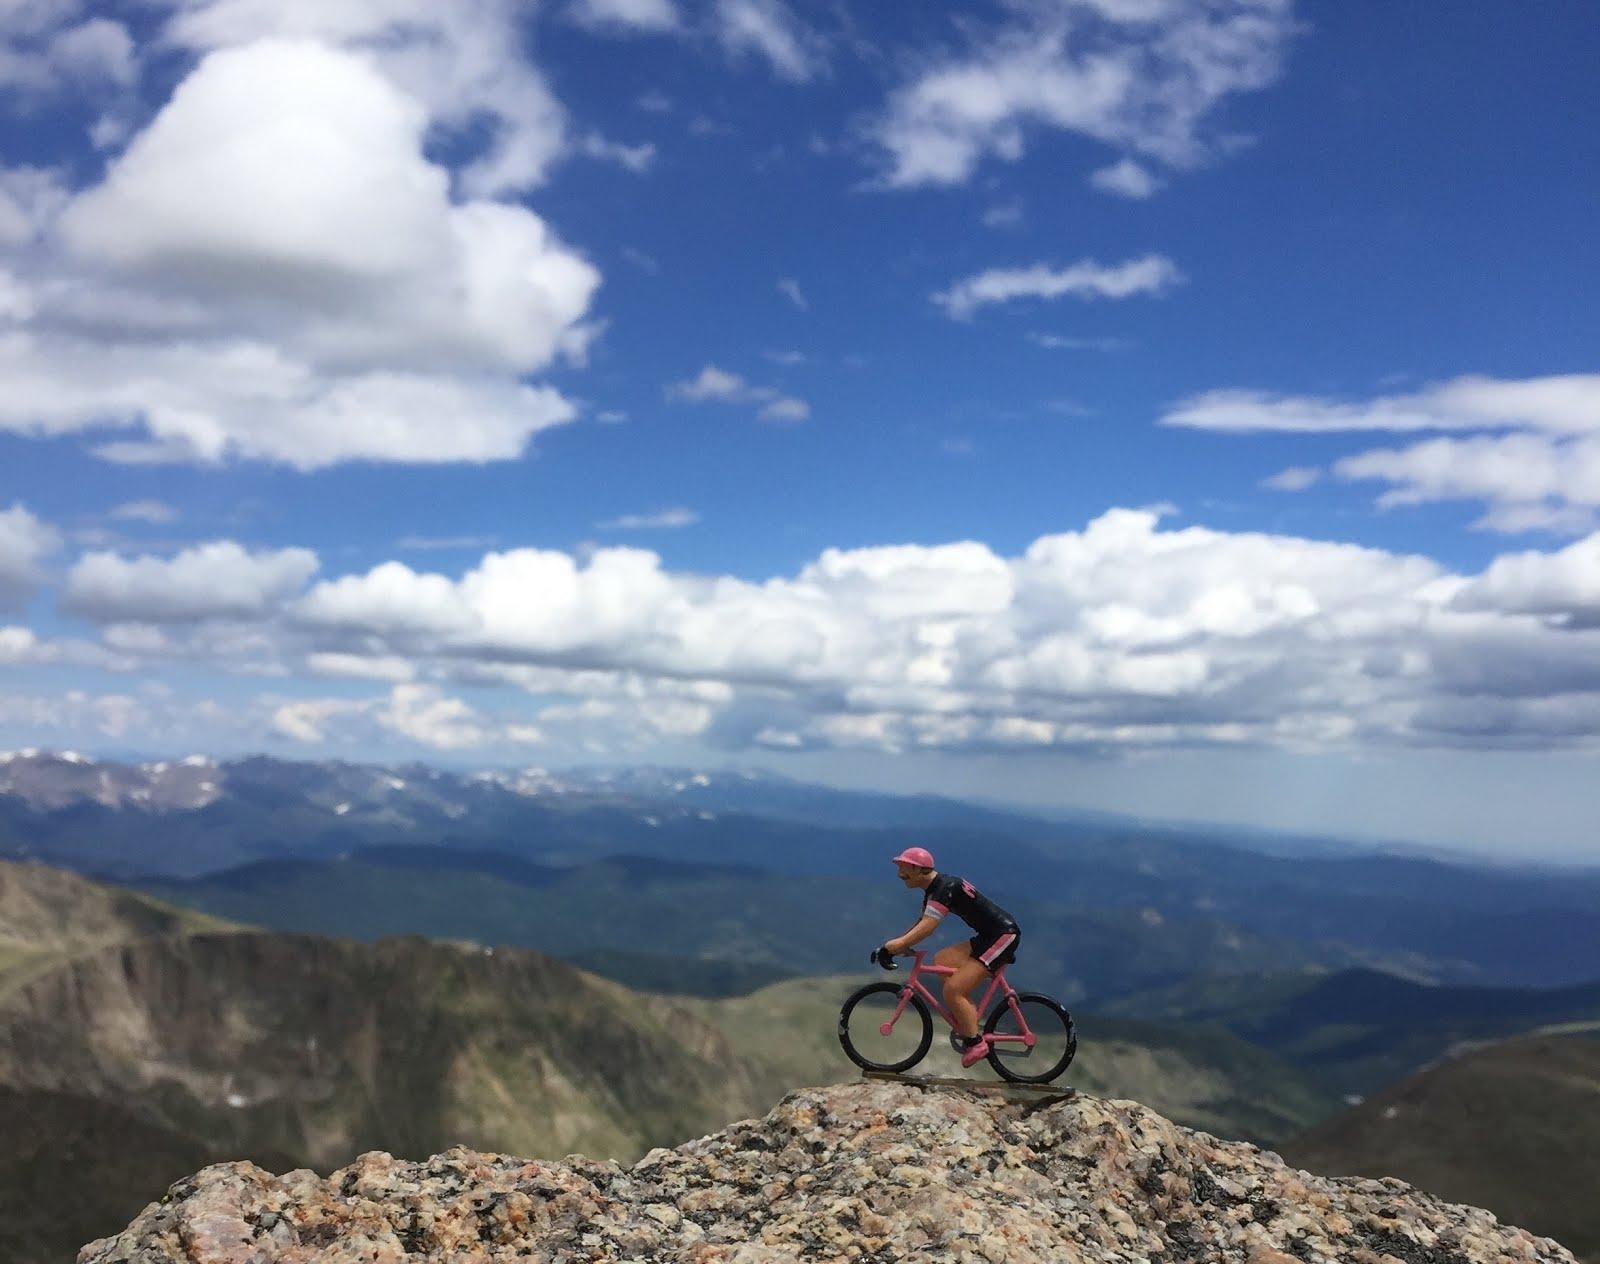 Mount Evans - Colorado 2016